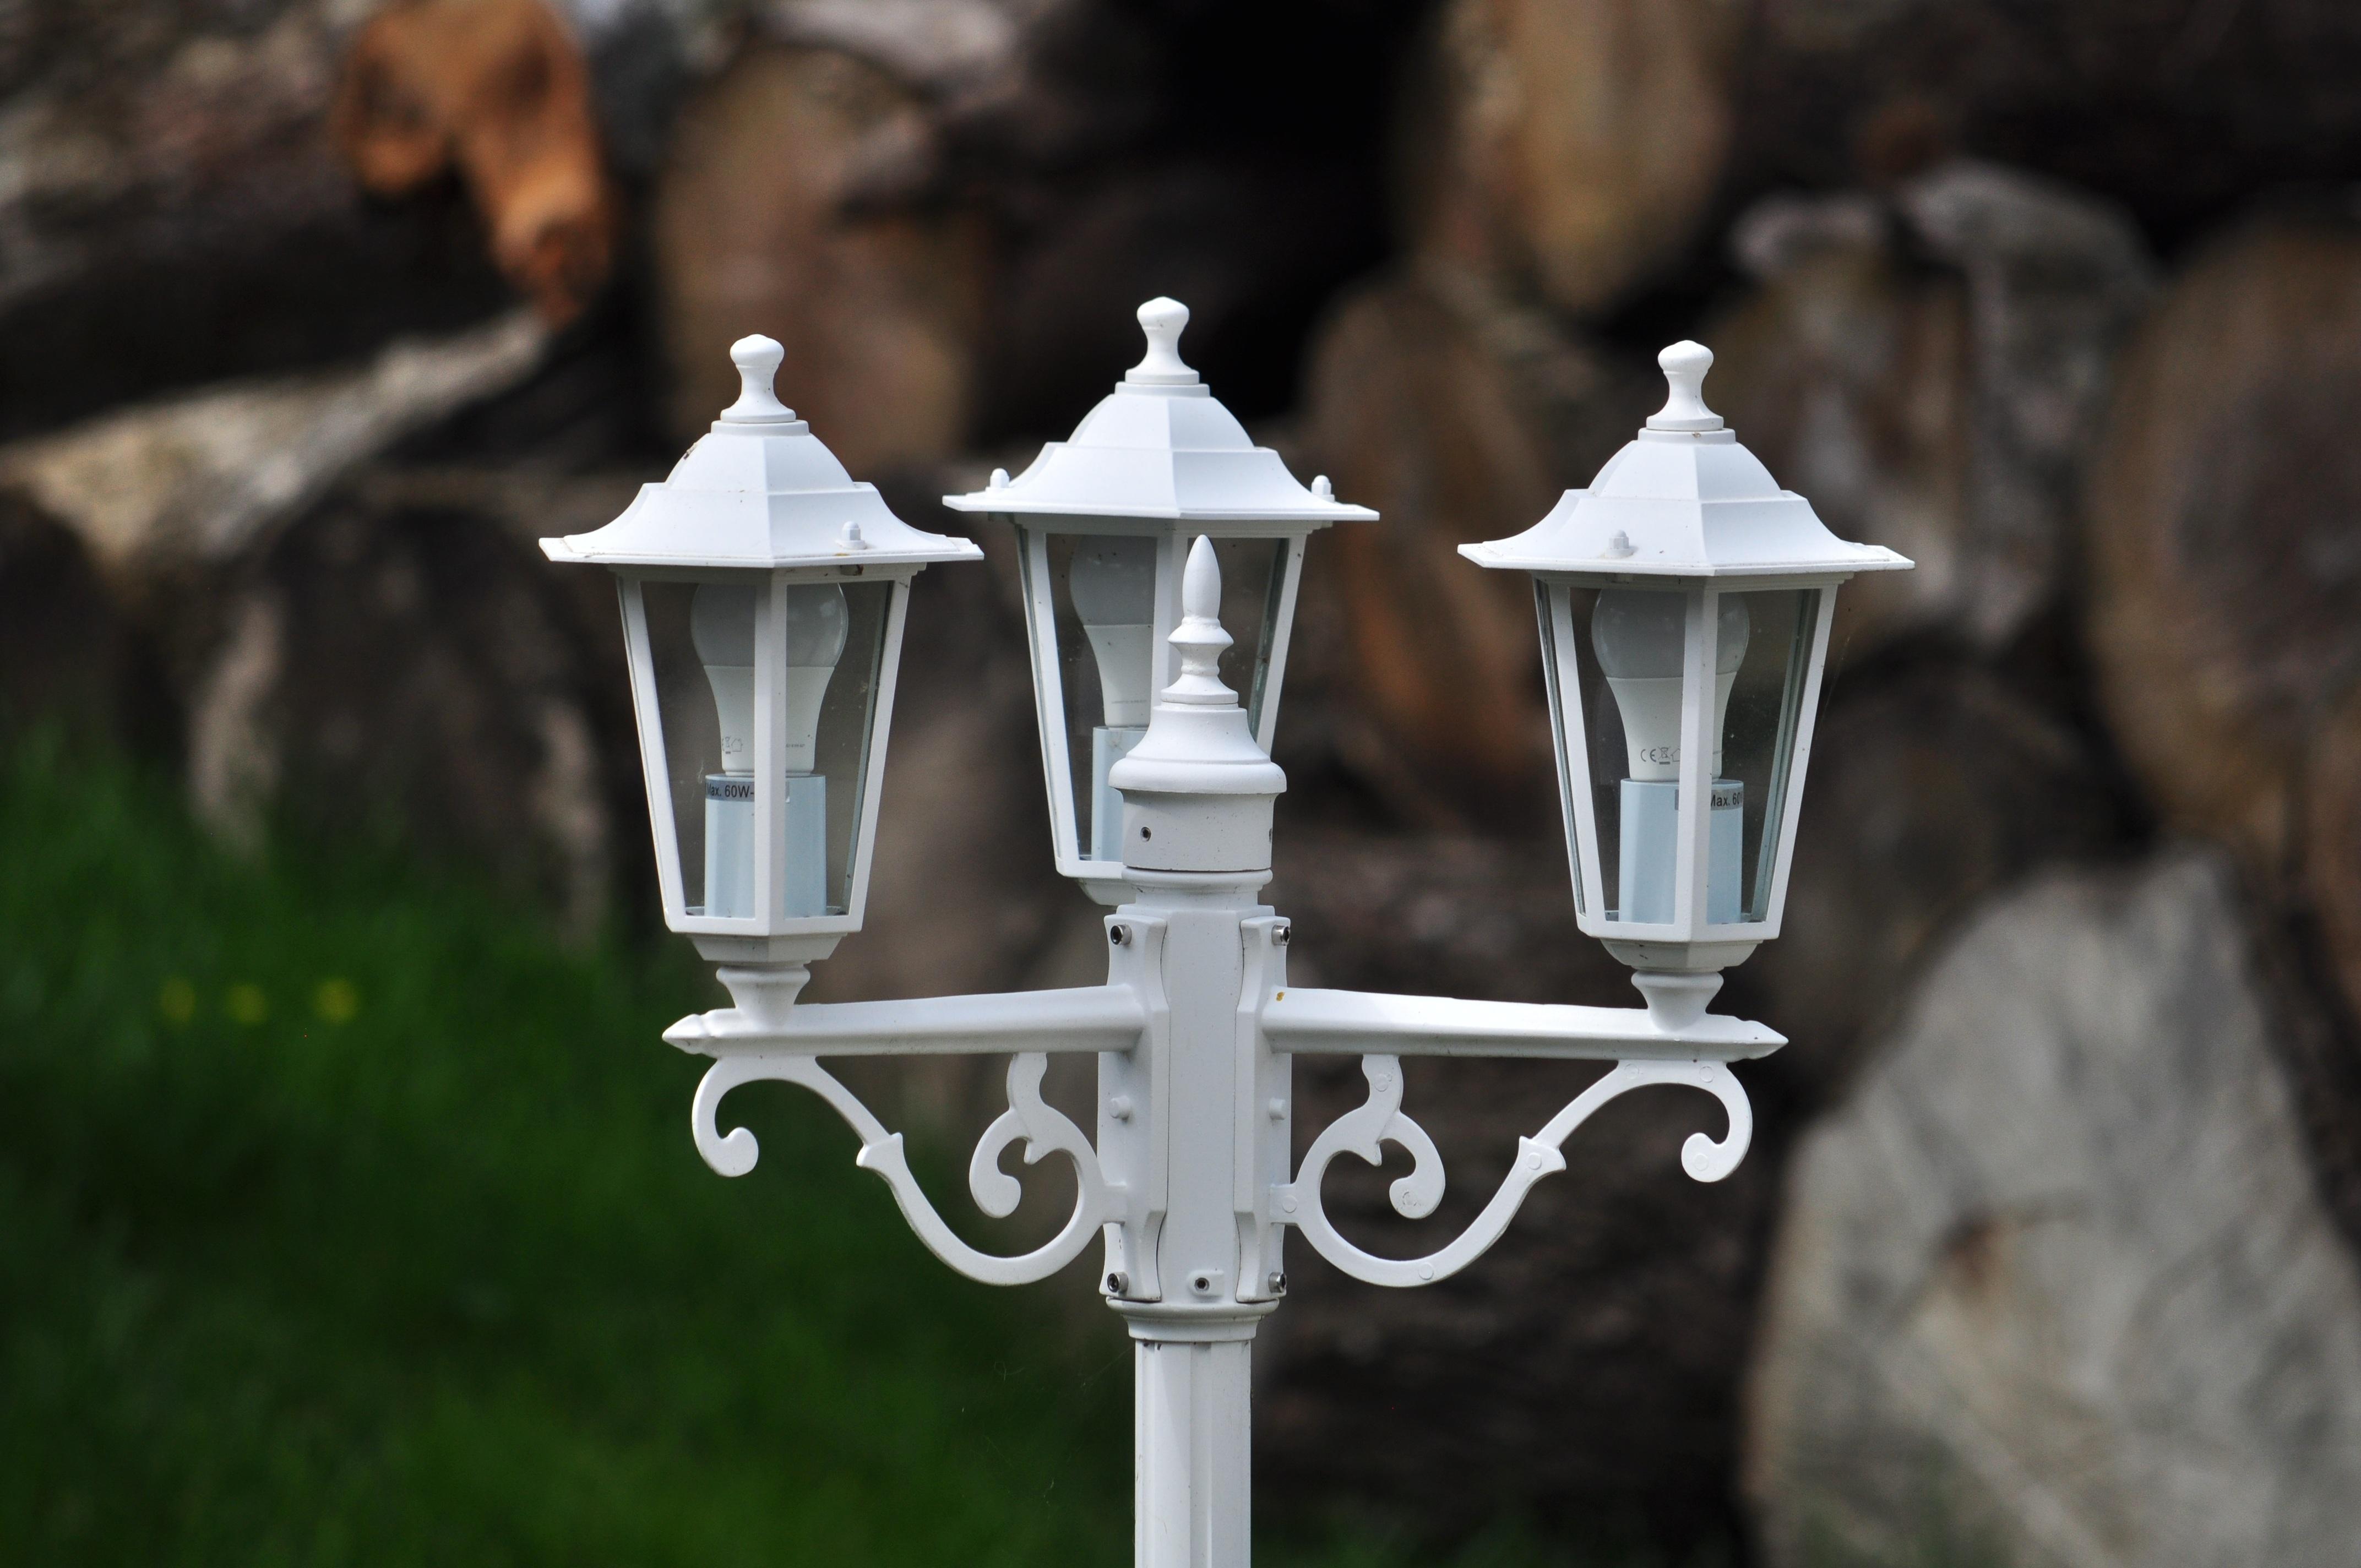 Bulb Street Light Lamp